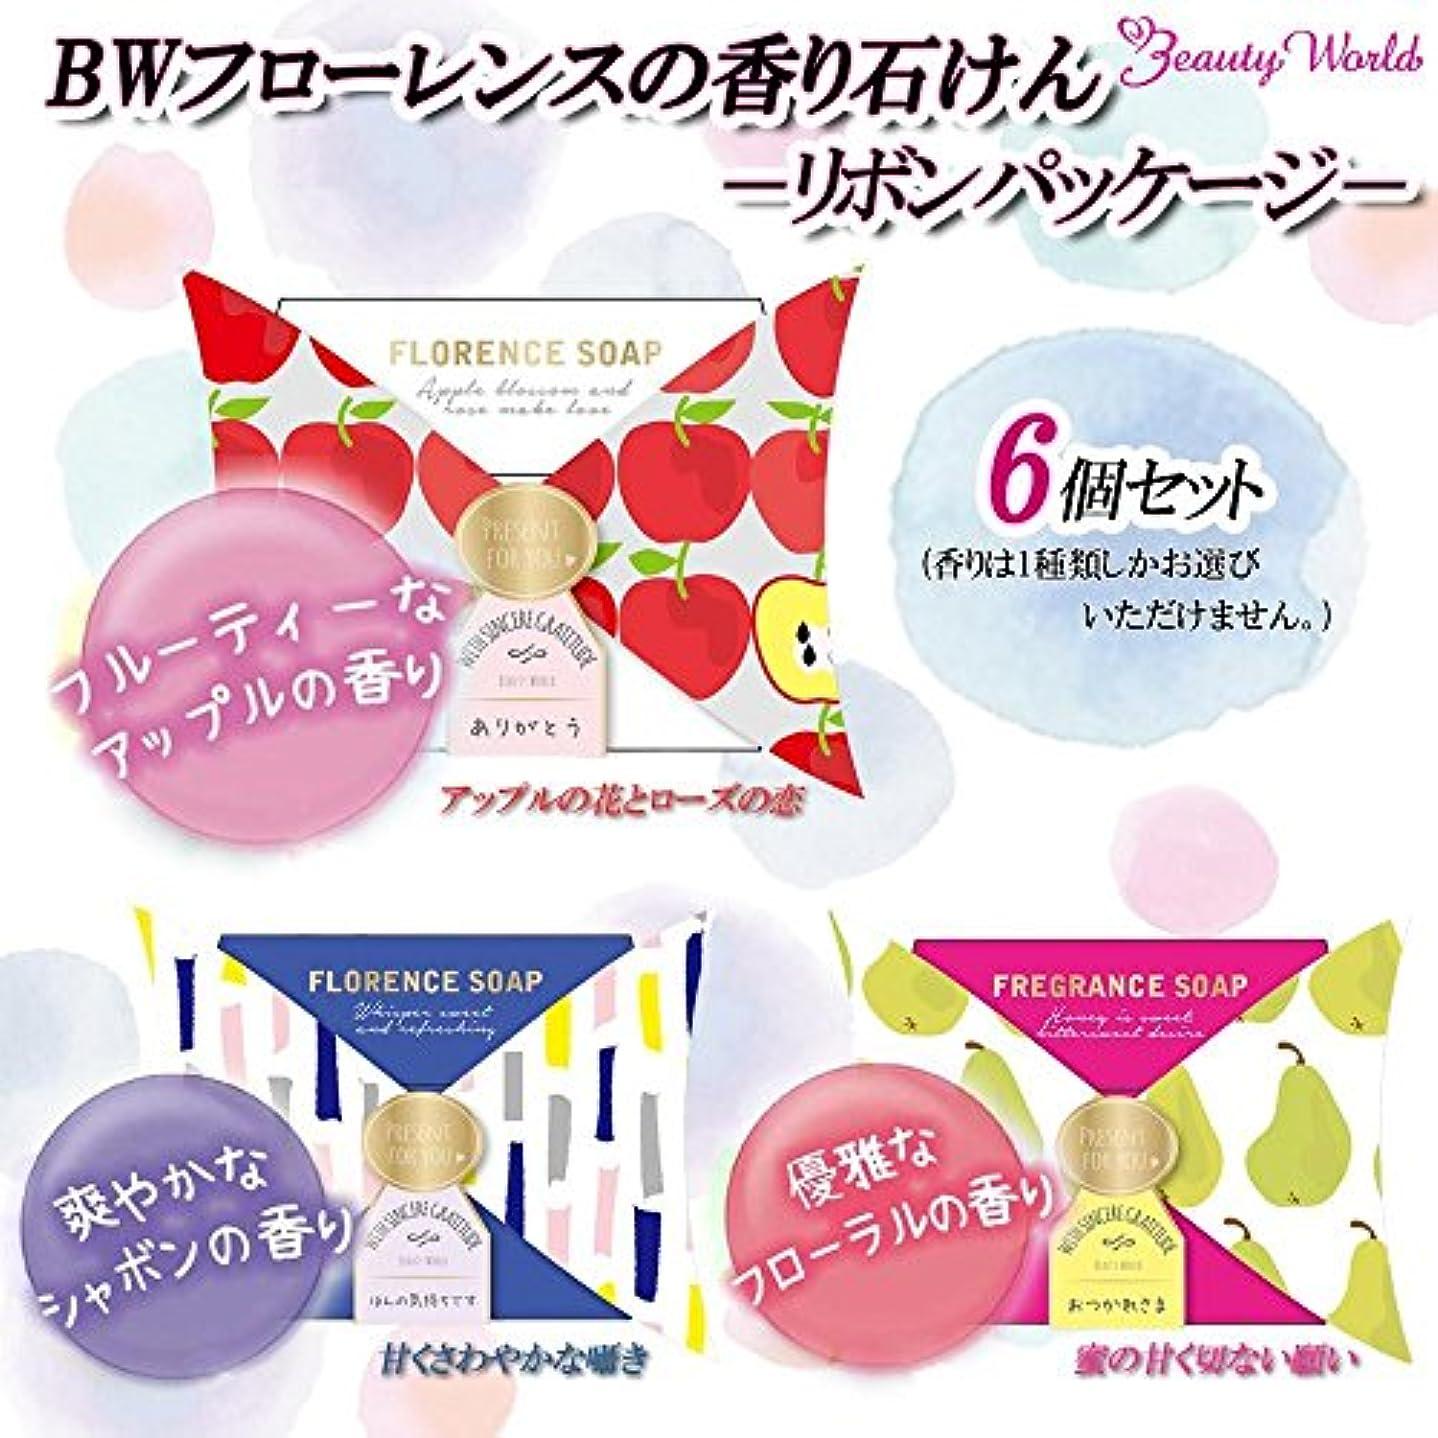 わずかに機械肯定的ビューティーワールド BWフローレンスの香り石けん リボンパッケージ 6個セット ■3種類の内「FSP385?甘くさわやかな囁き」を1点のみです